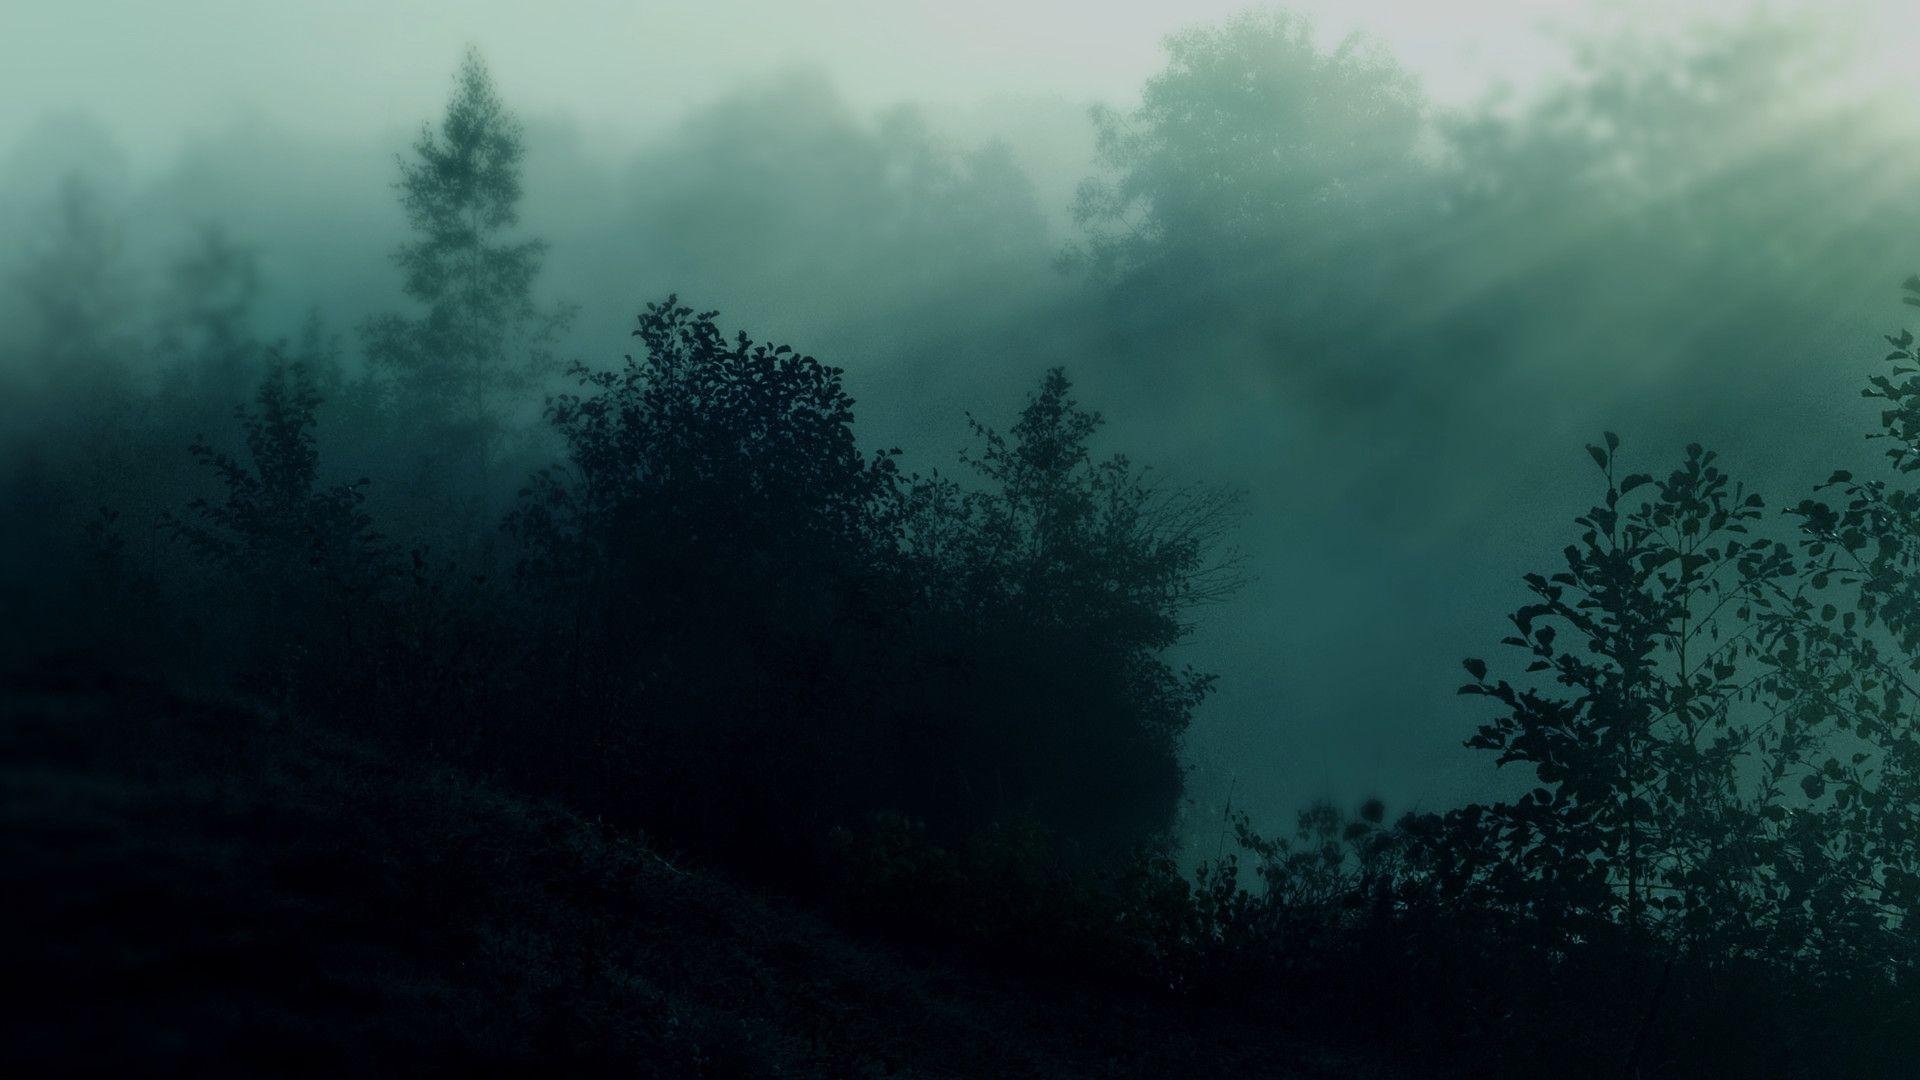 tumblr forest aesthetic wallpaper